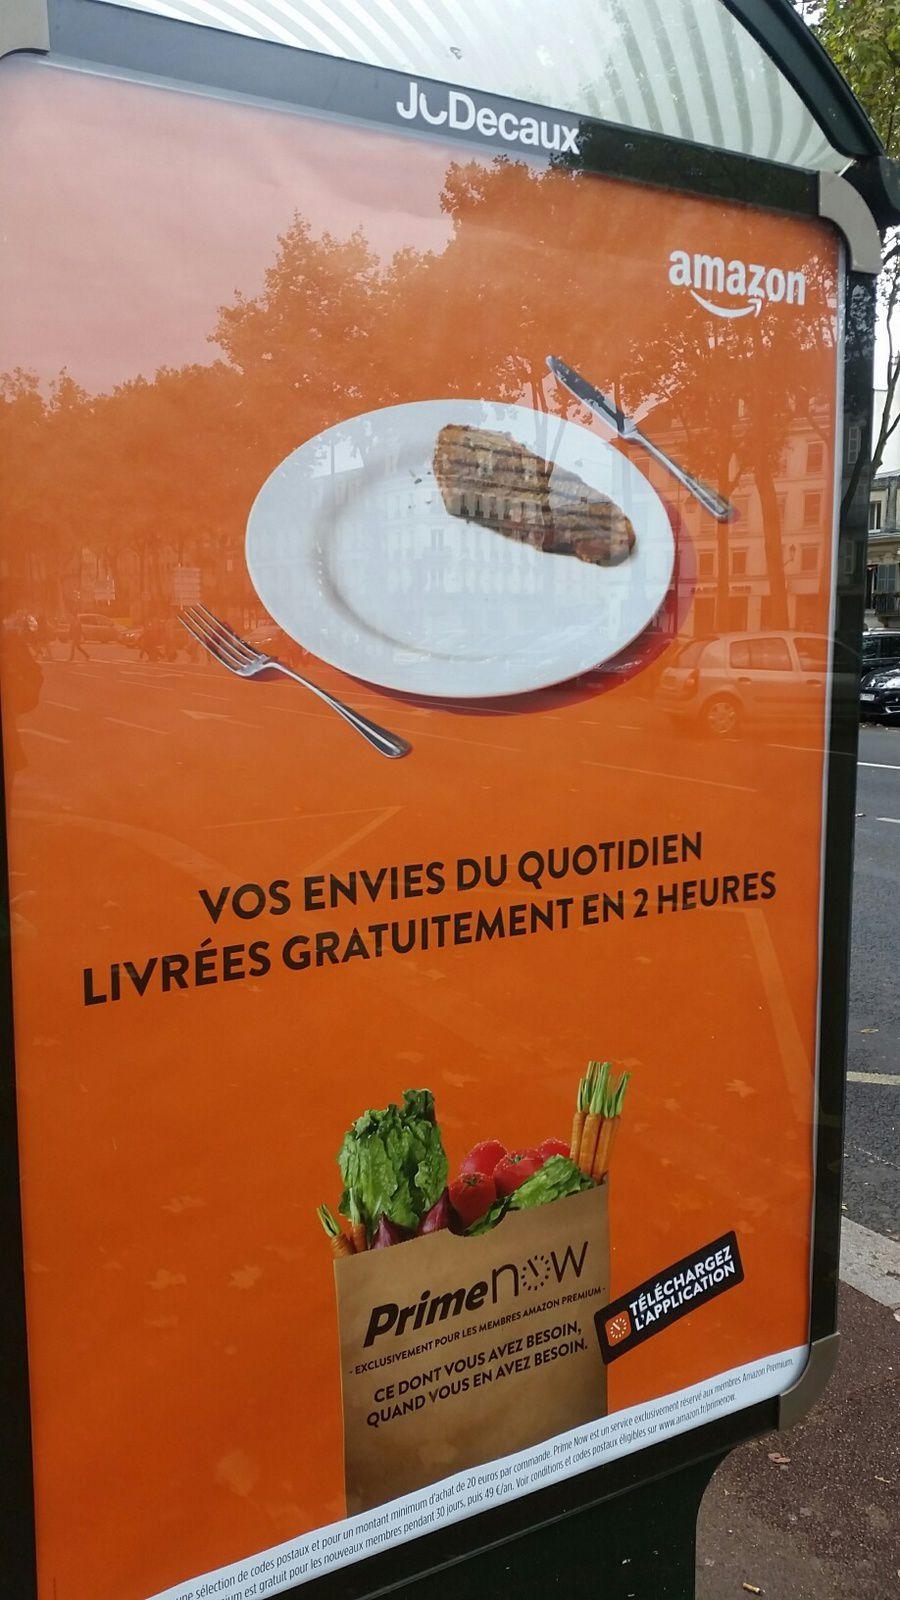 Regardez la composition du panier dans cette affiche : produits frais légumes attendus par un steak dans l'assiette... un signe. Pour l'autre, un bon film à la TV .